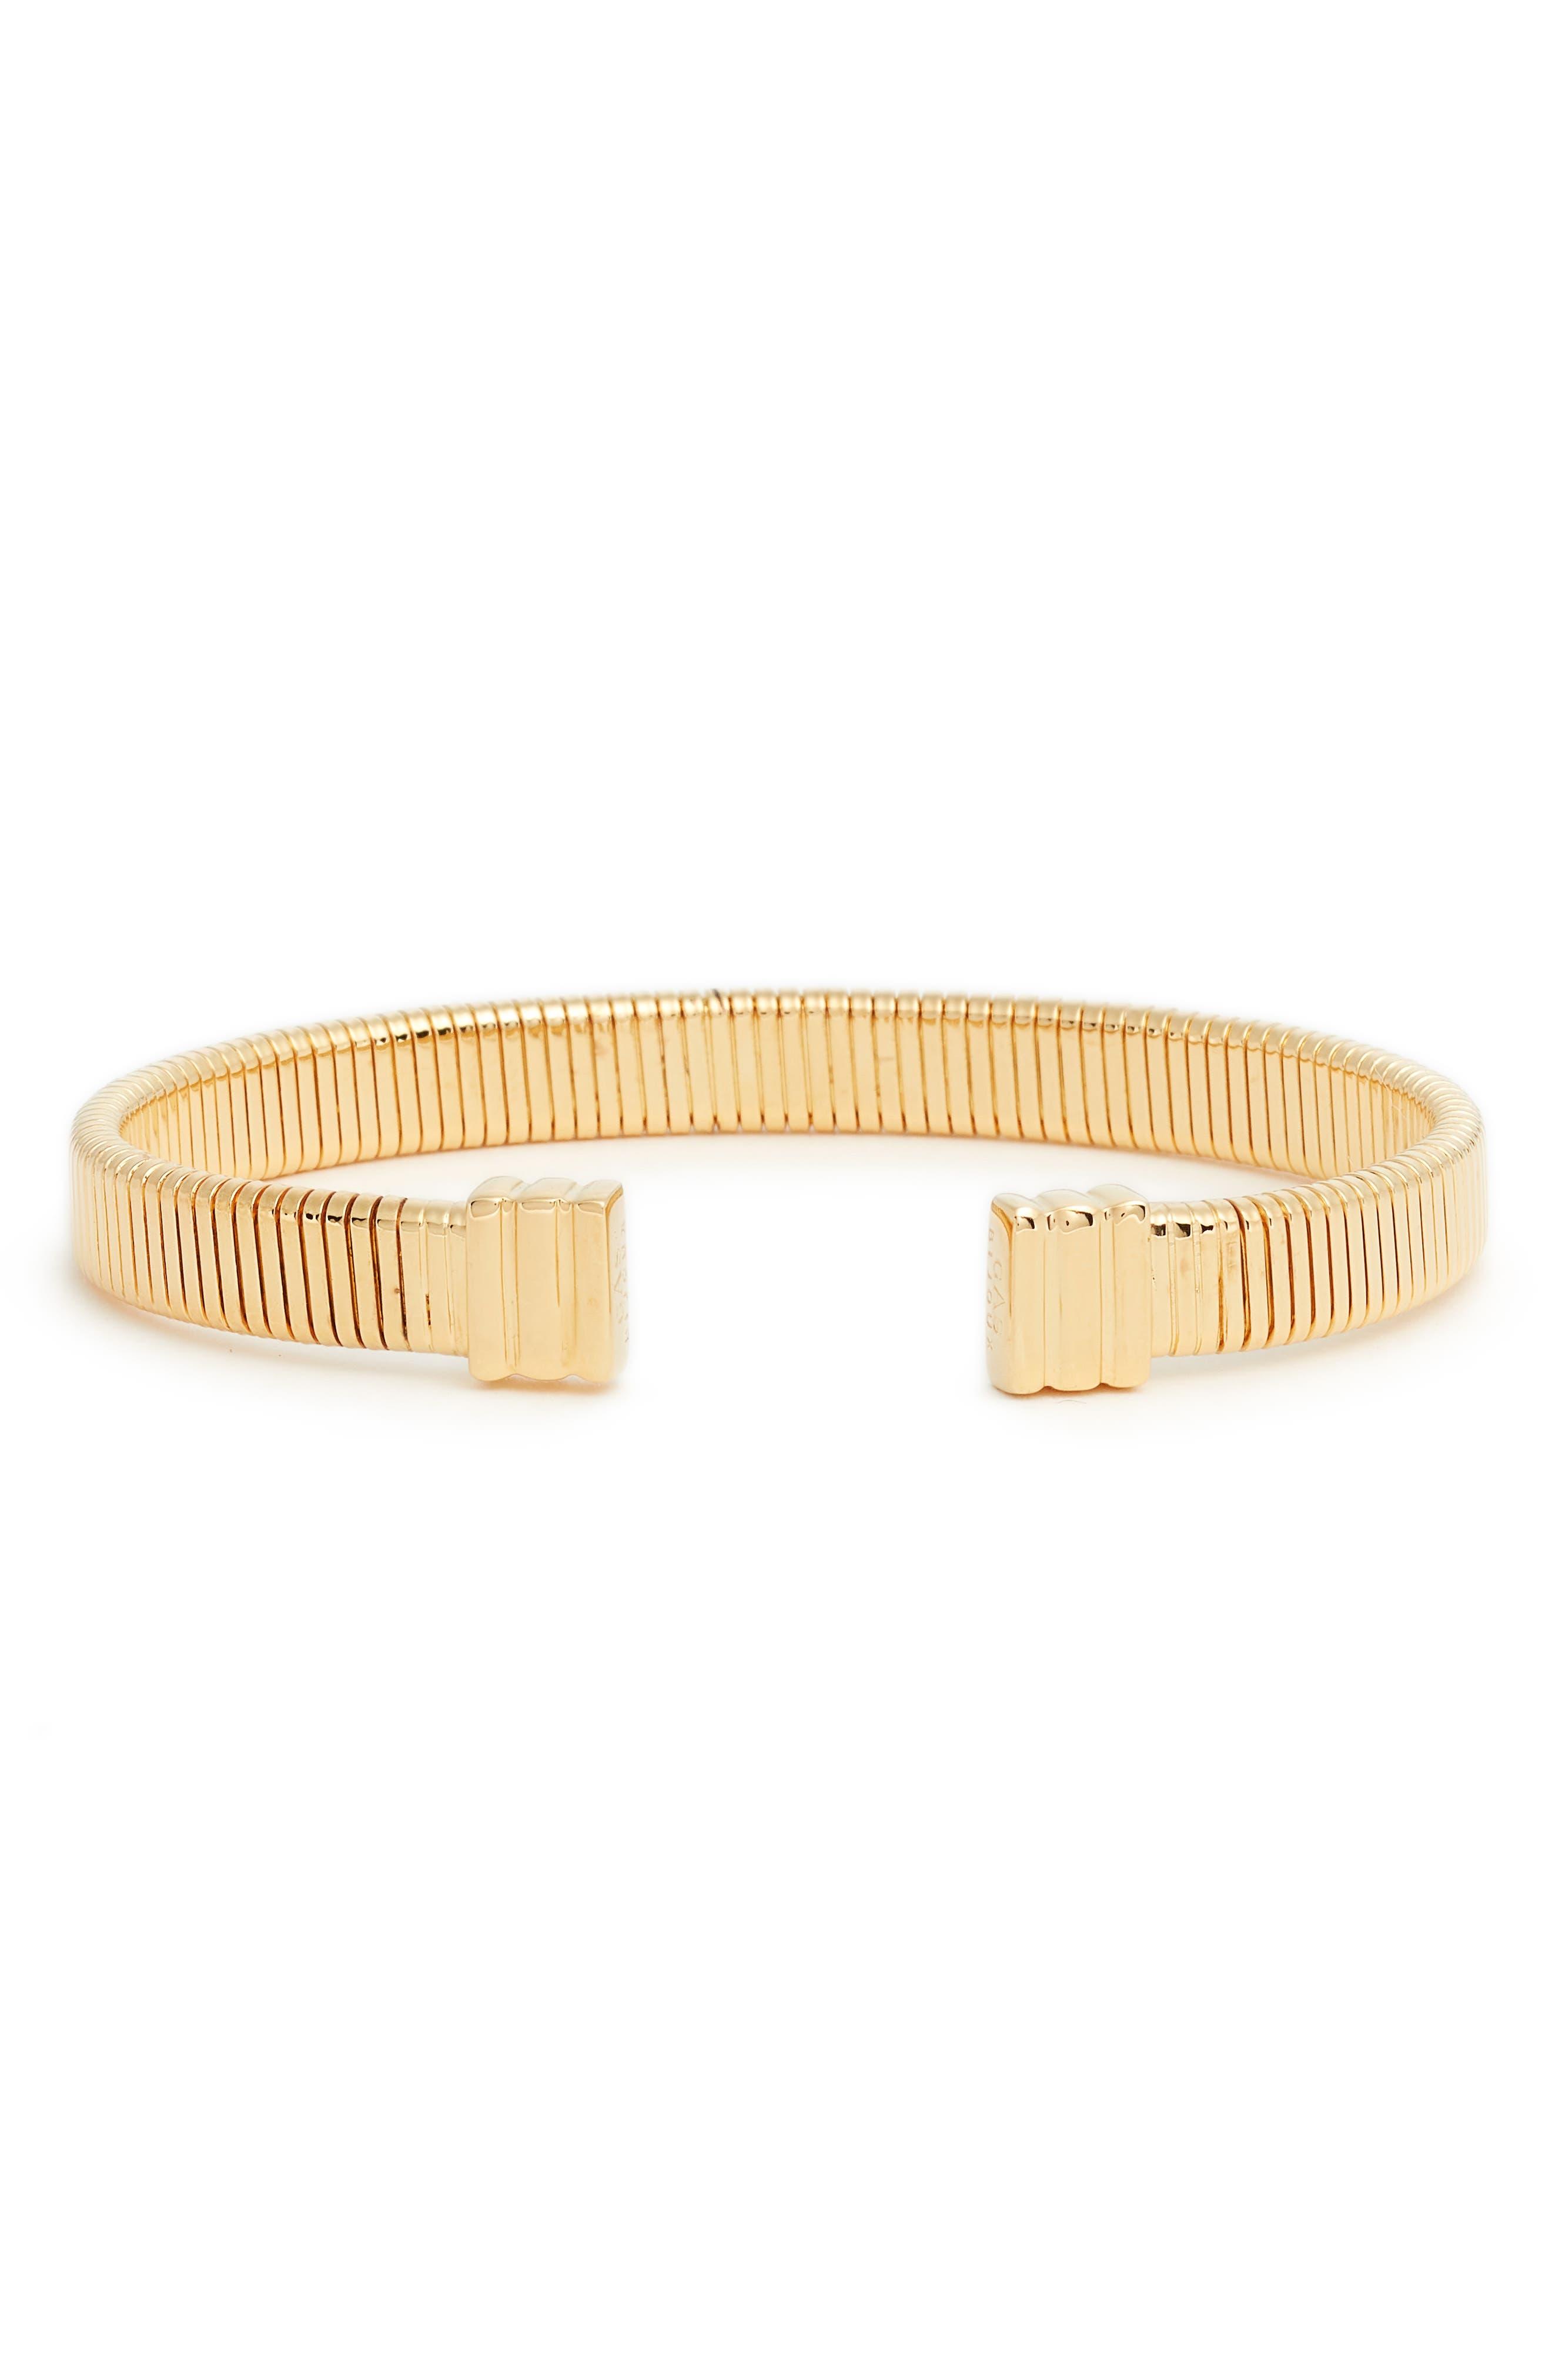 Milo Cuff Bracelet,                             Main thumbnail 1, color,                             710